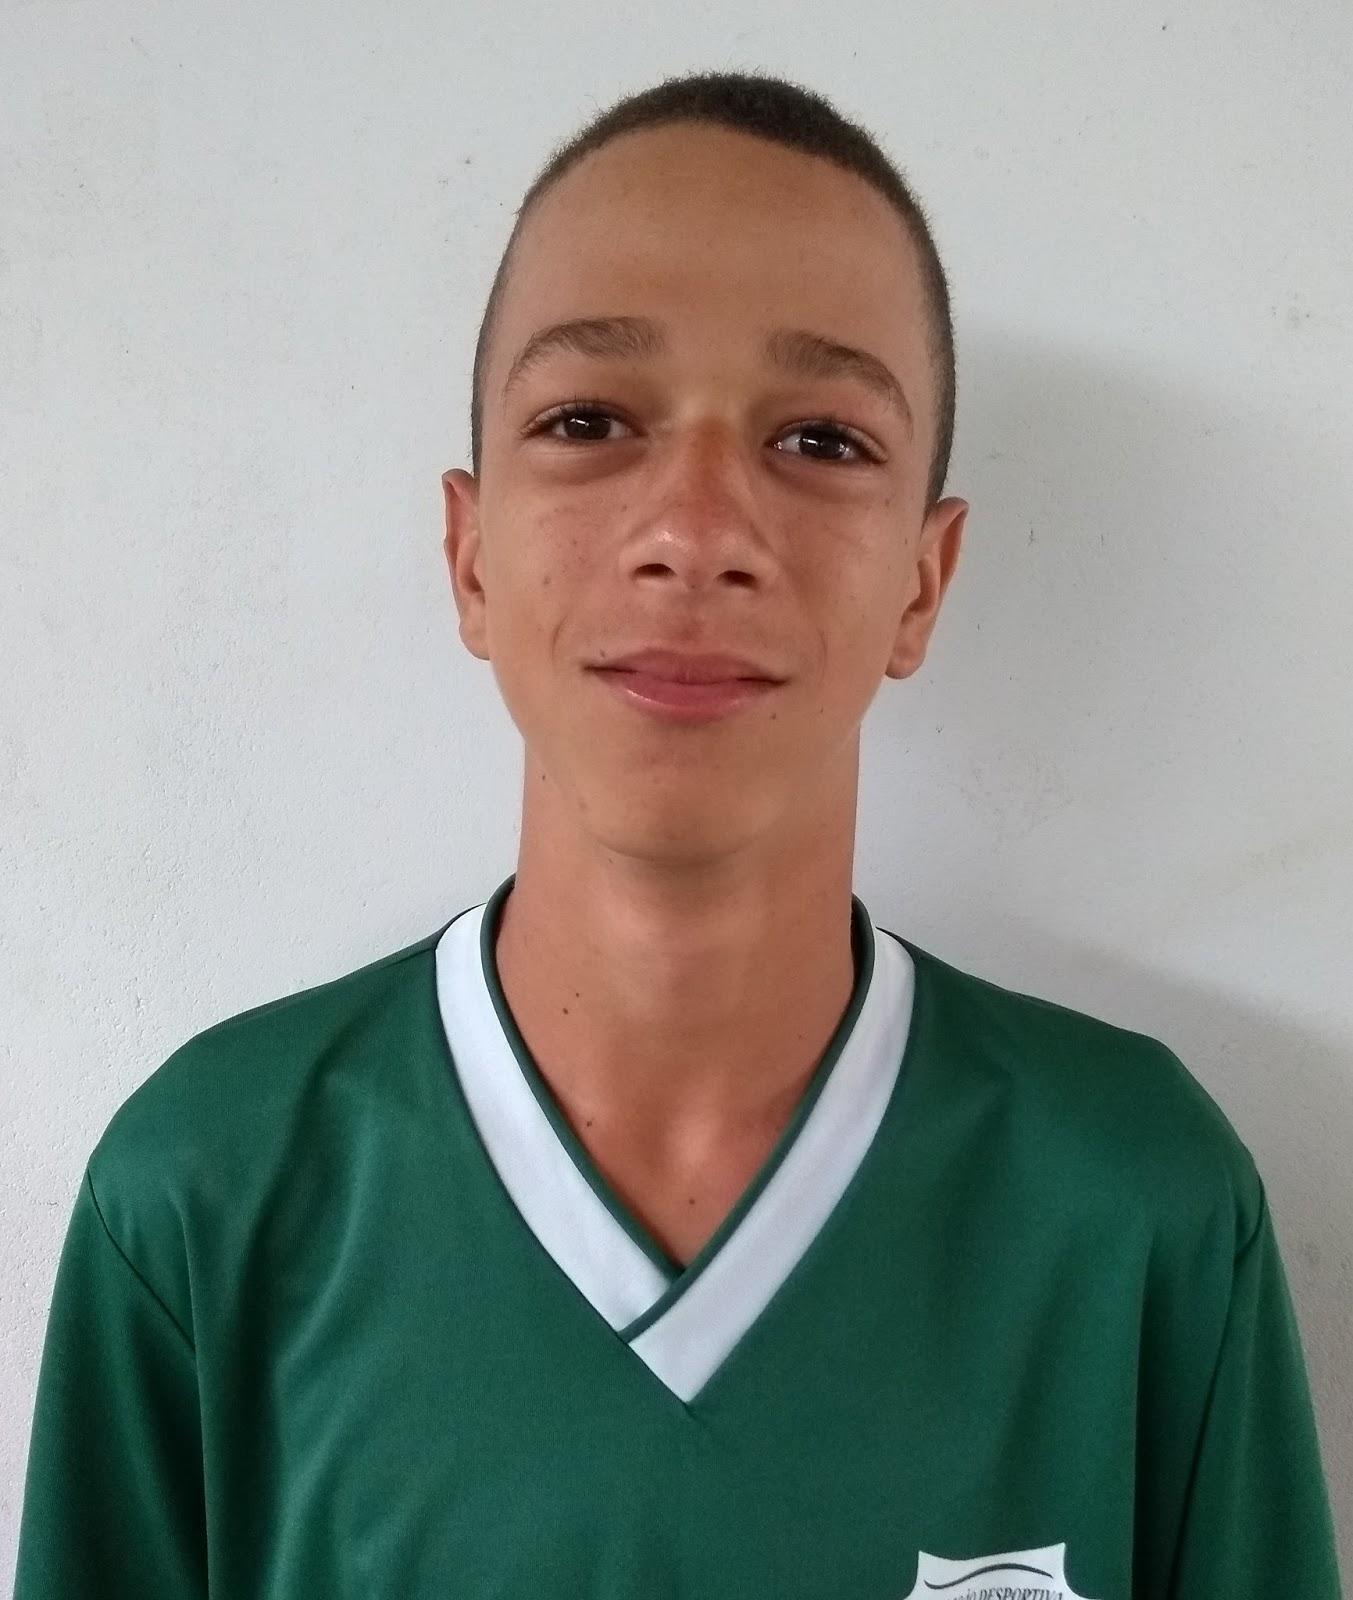 Lucas Moura Altura Y Peso: Associação Desportiva Nova Esperança: Atletas Da Escolinha